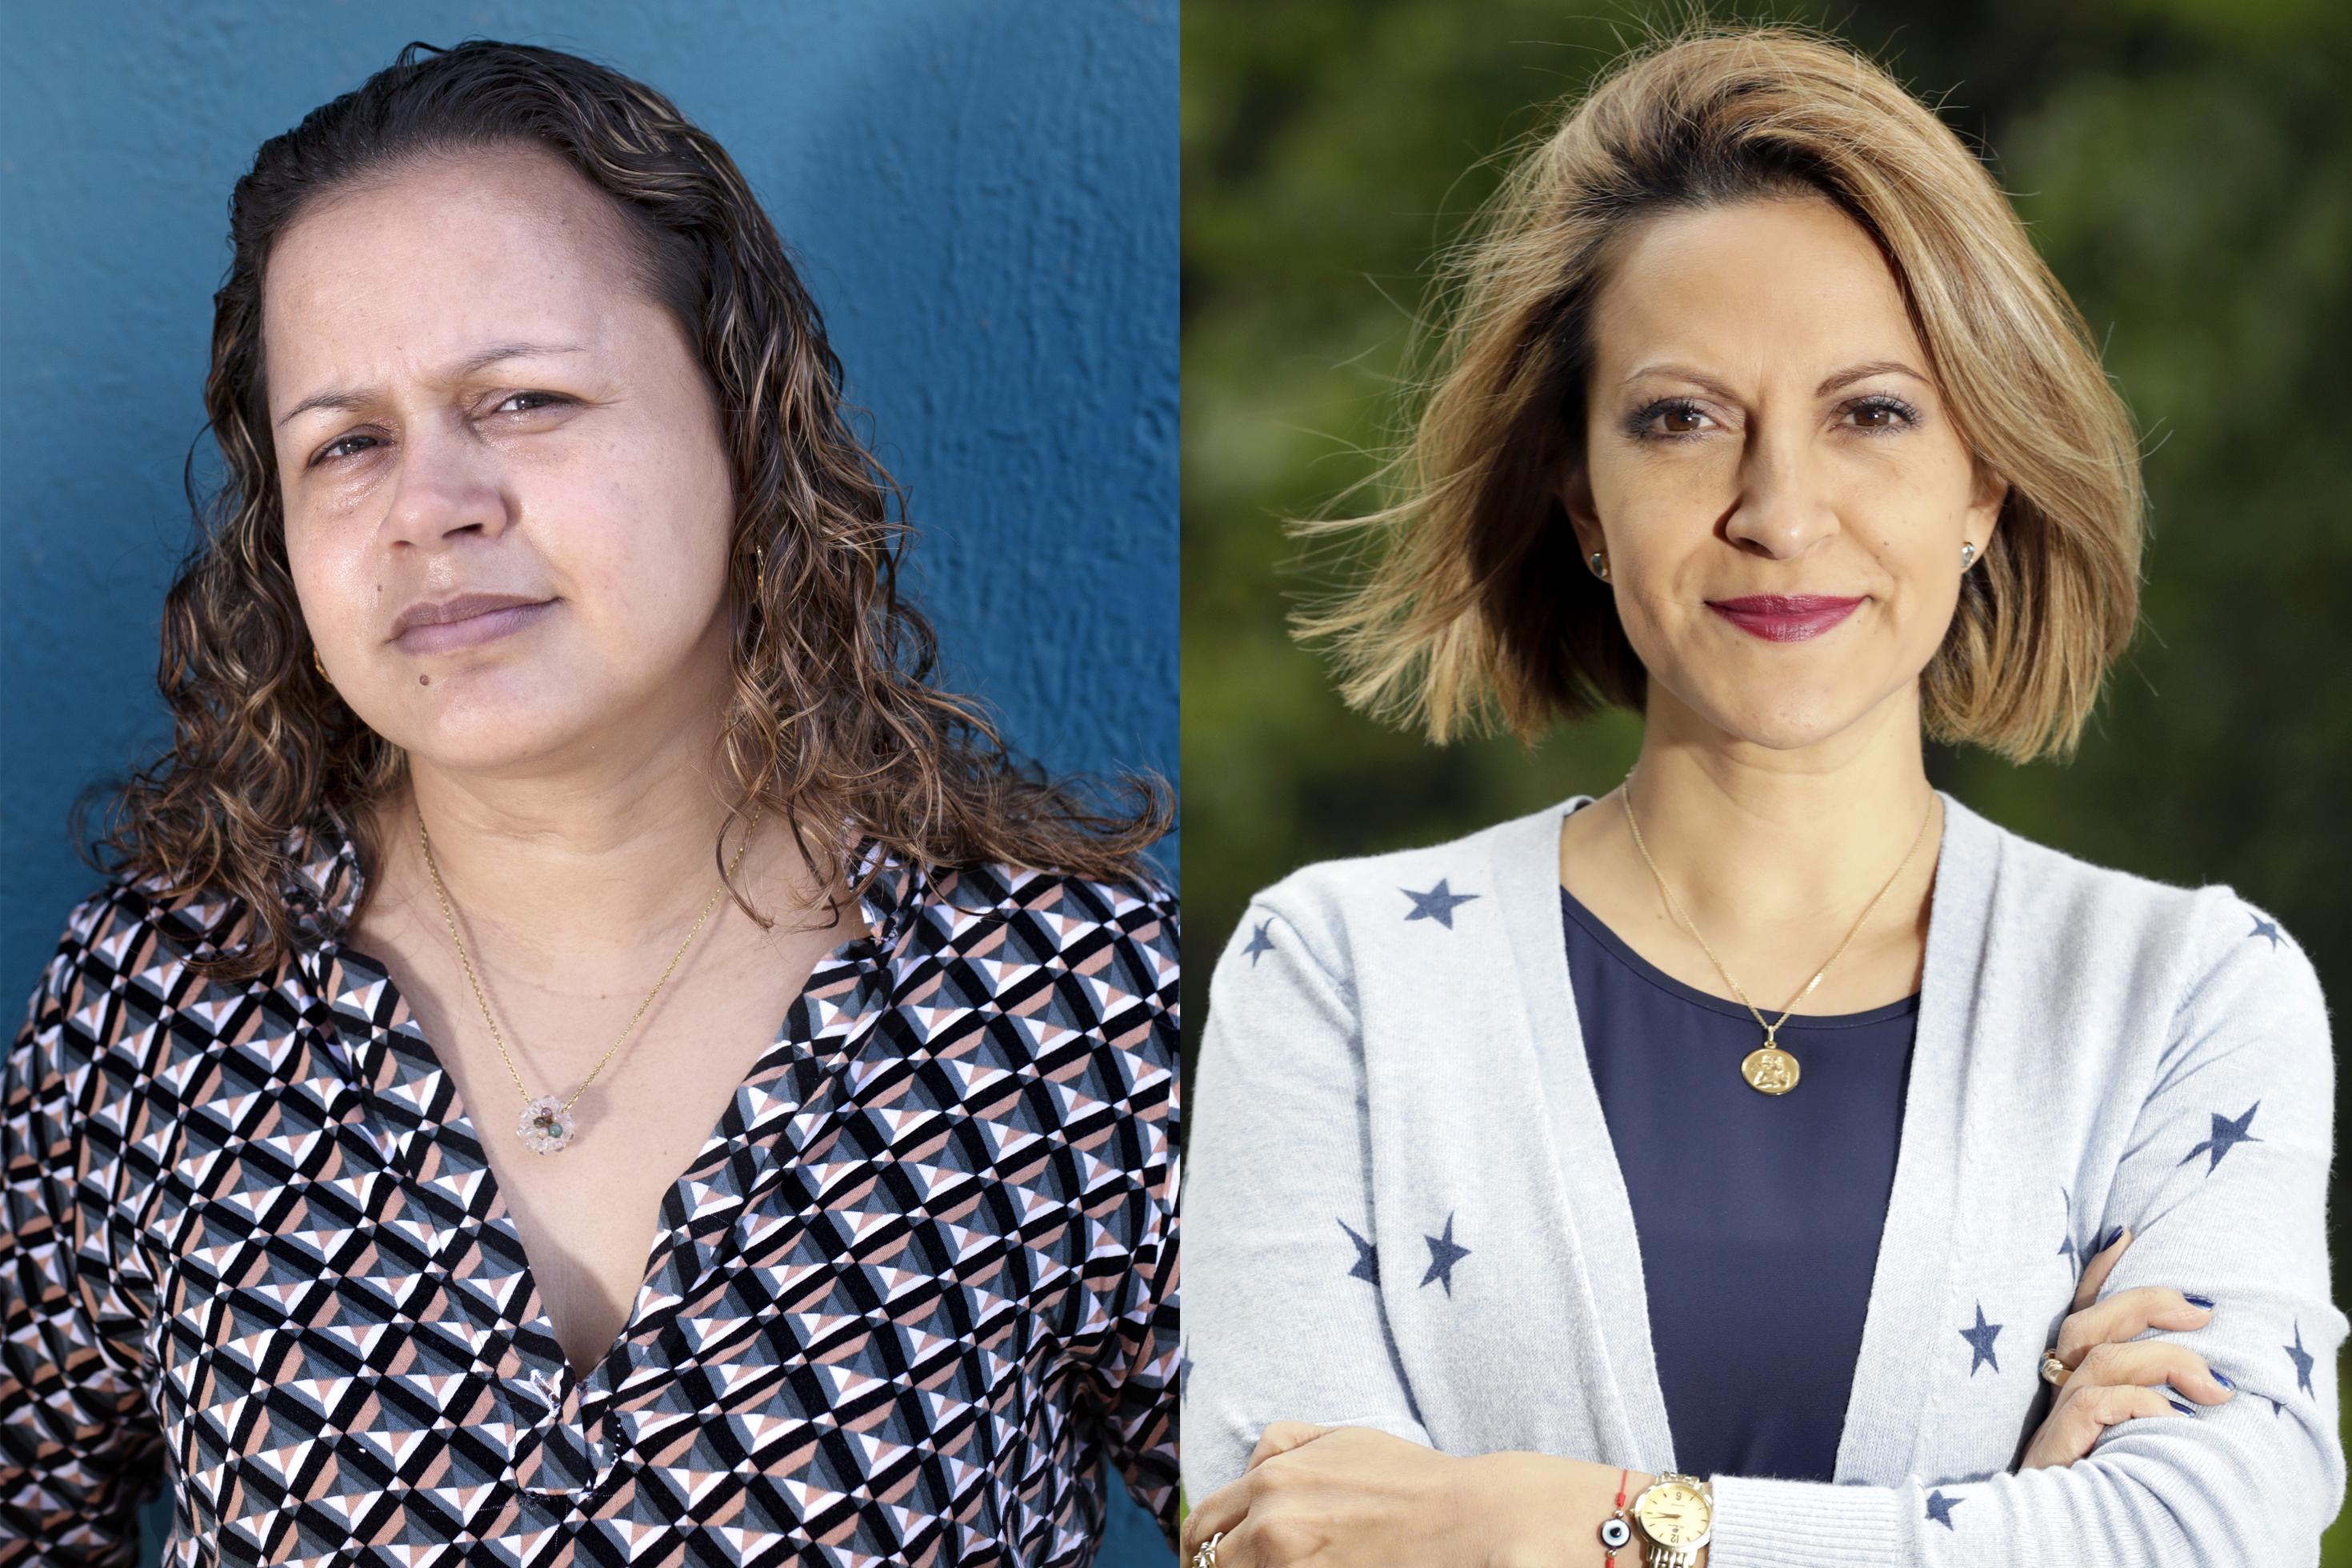 Anne-Klein-Frauenpreisträgerinnen 2018 - Jineth Bedoya Lima und Mayerlis Angarita Robles